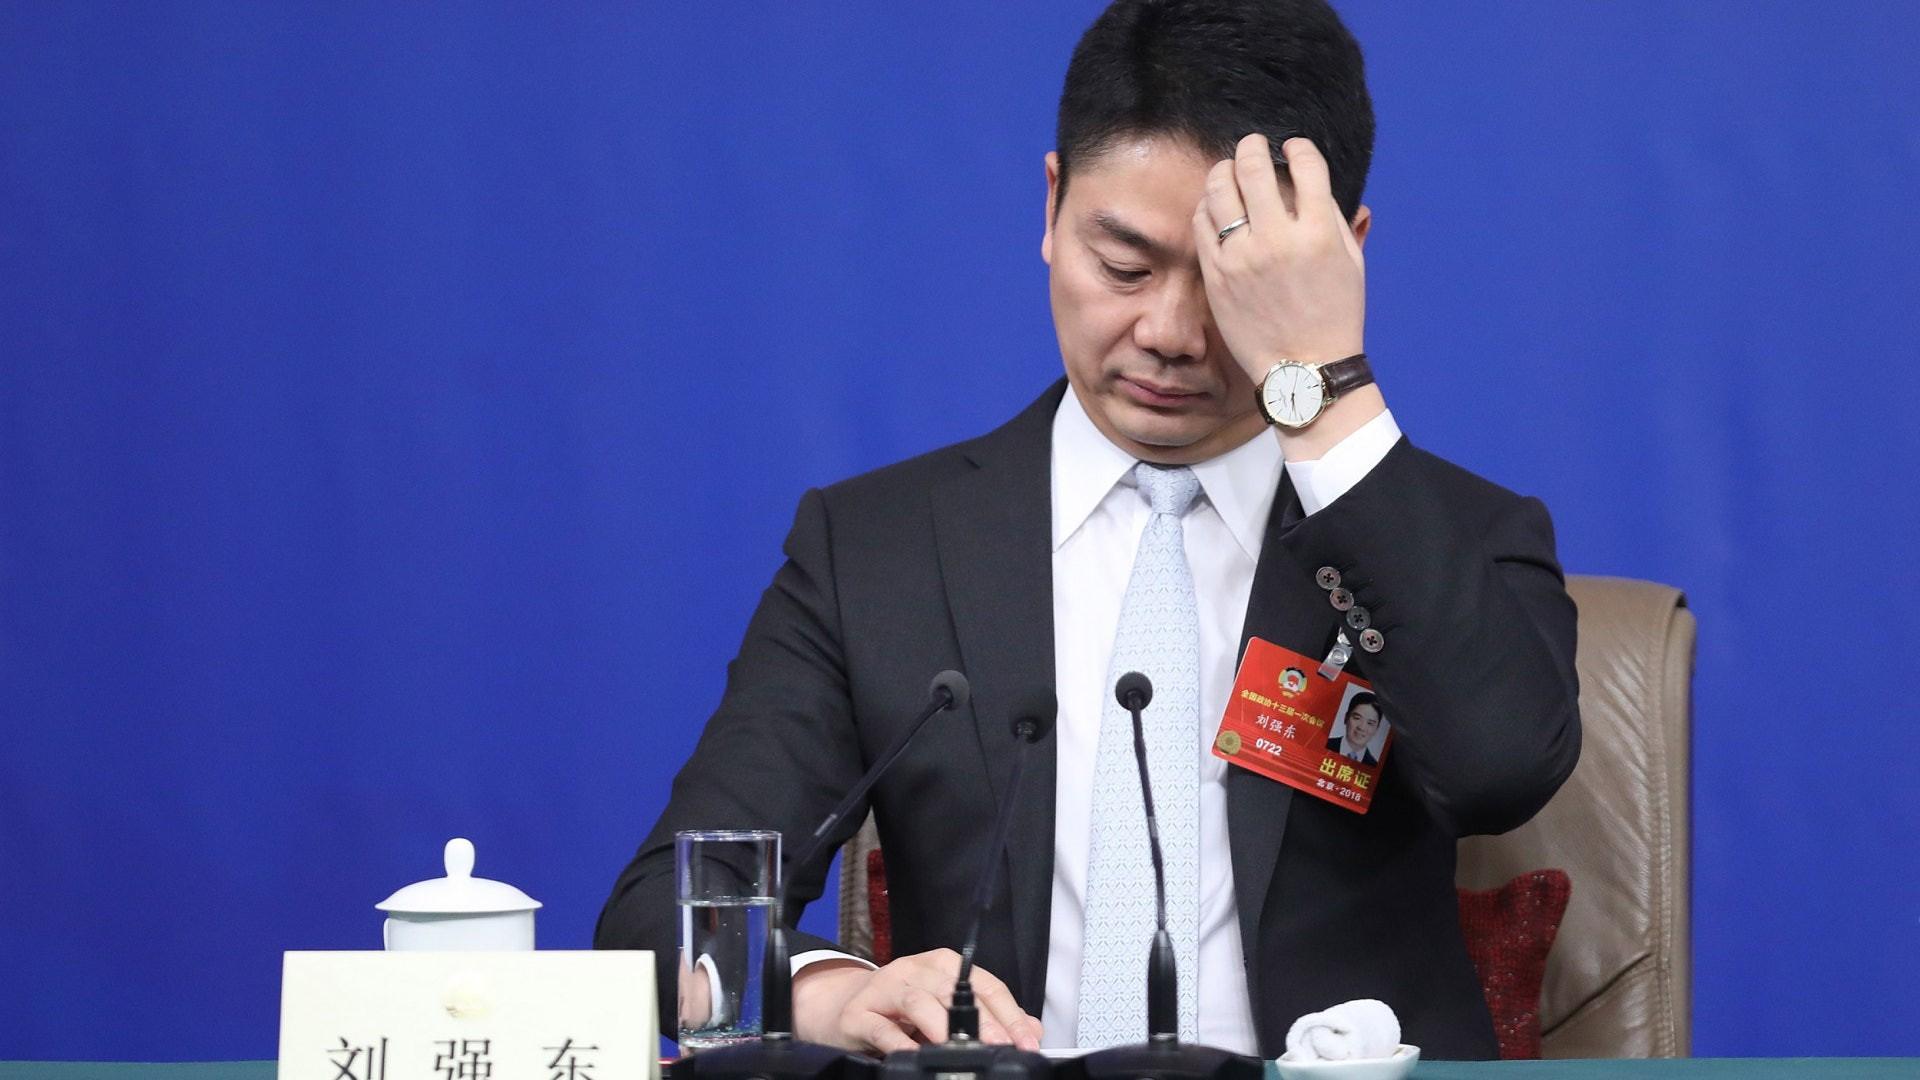 Hàng trăm người ủng hộ nữ sinh viên kiện ông chủ tập đoàn thương mại điện tử lớn thứ hai Trung Quốc hành vi cưỡng dâm - Ảnh 1.